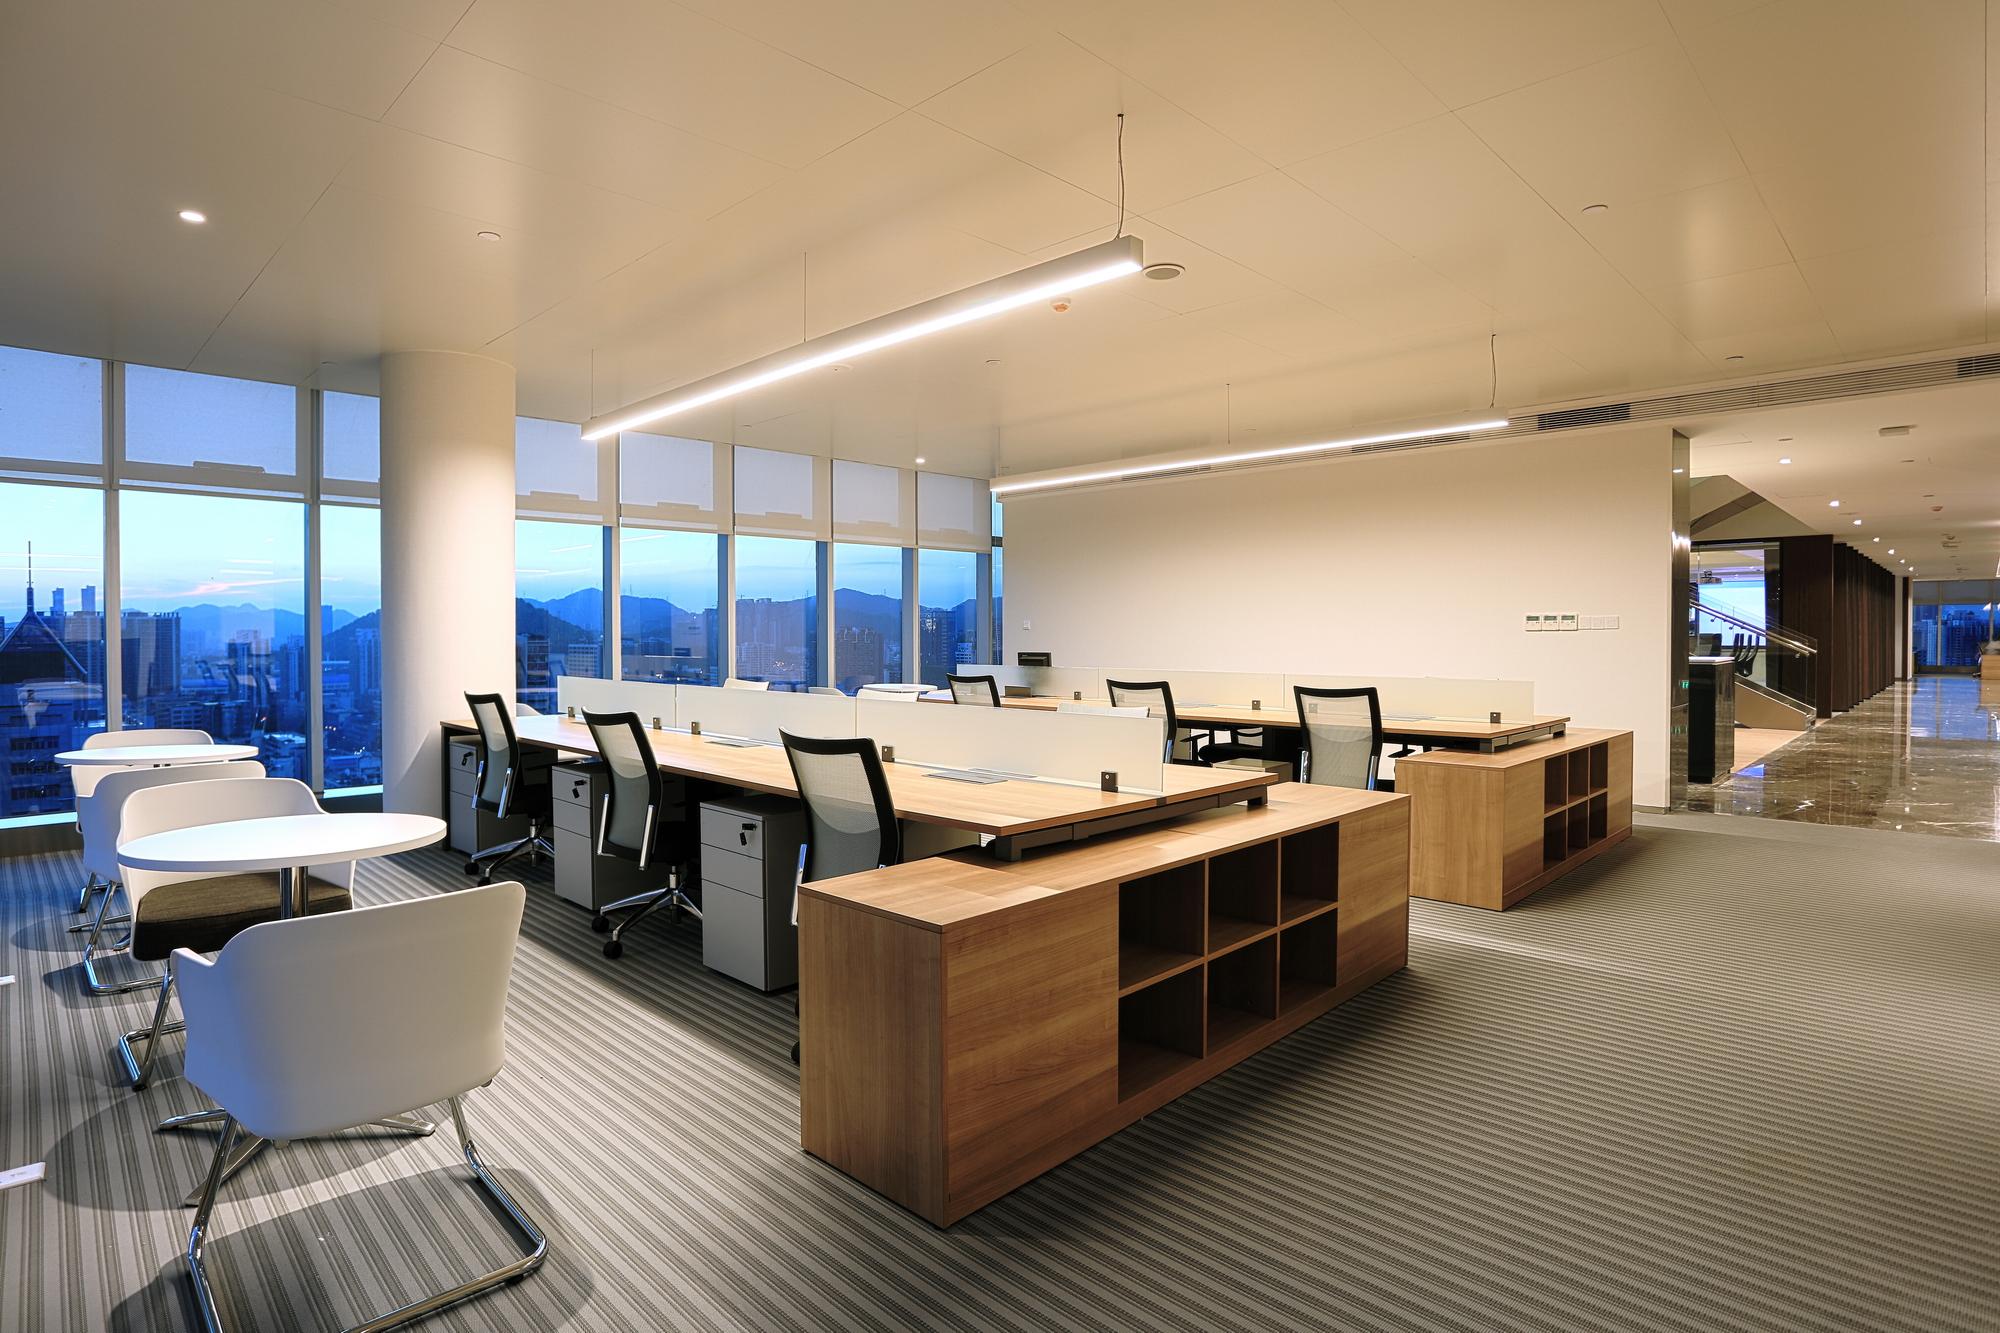 埃素灯光│深圳物质大厦办公大楼顶层灯光设计